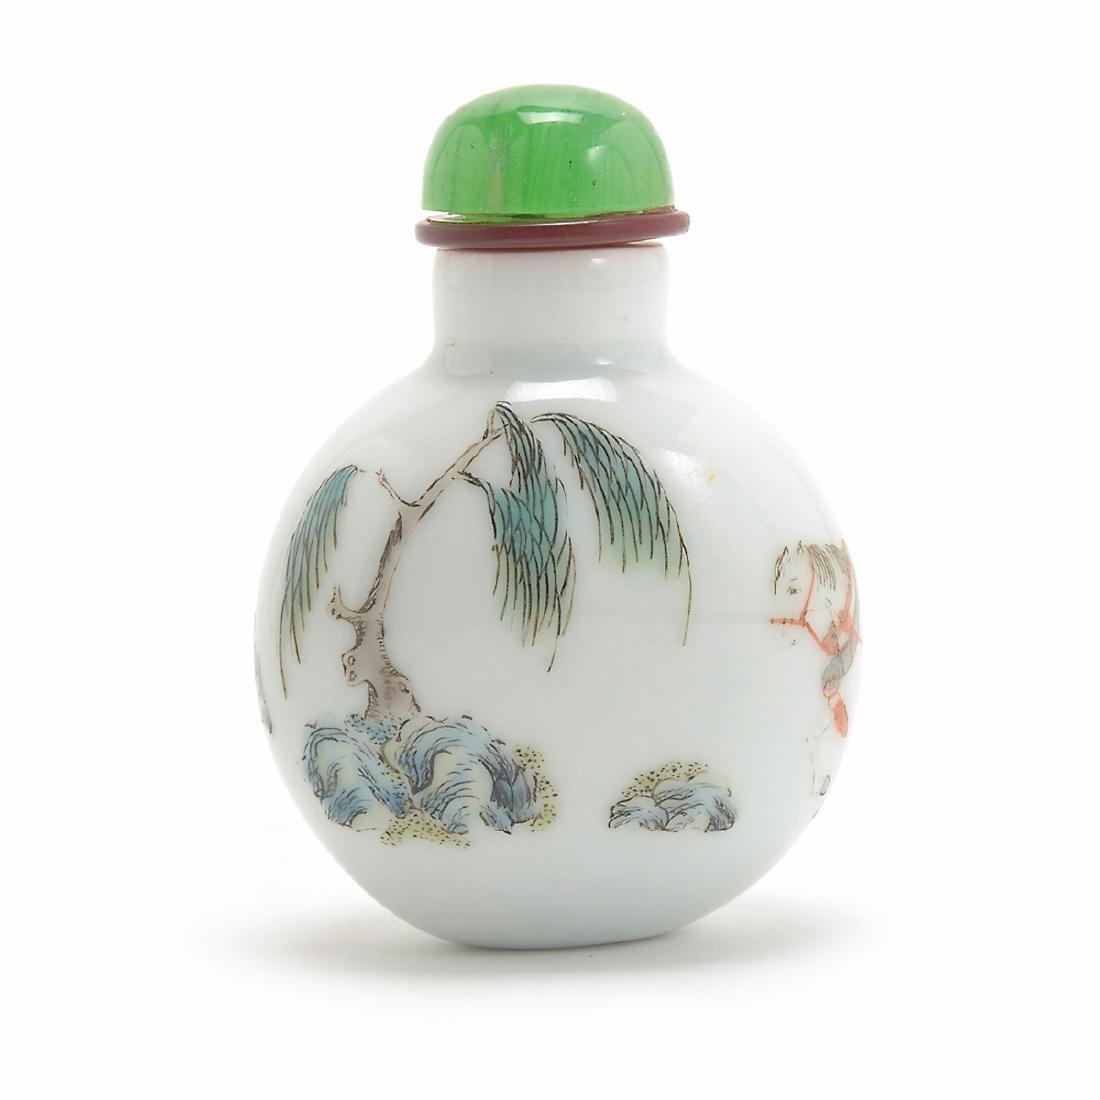 Famille Rose Figural Porcelain Snuff Bottle, Daoguang - 2